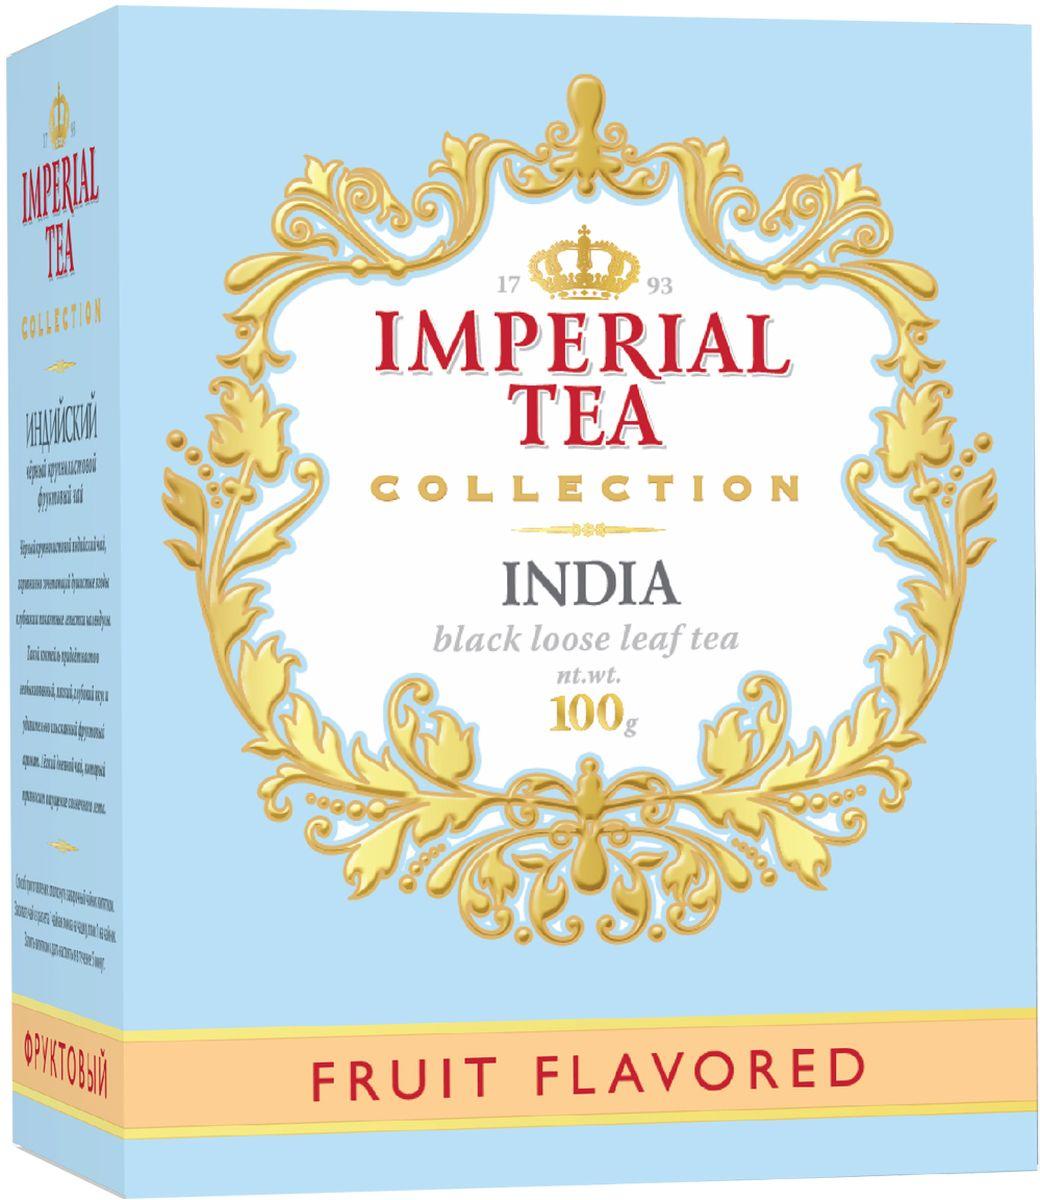 Императорский чай Collection Фруктовый, 100 г гринфилд чай фруктовый